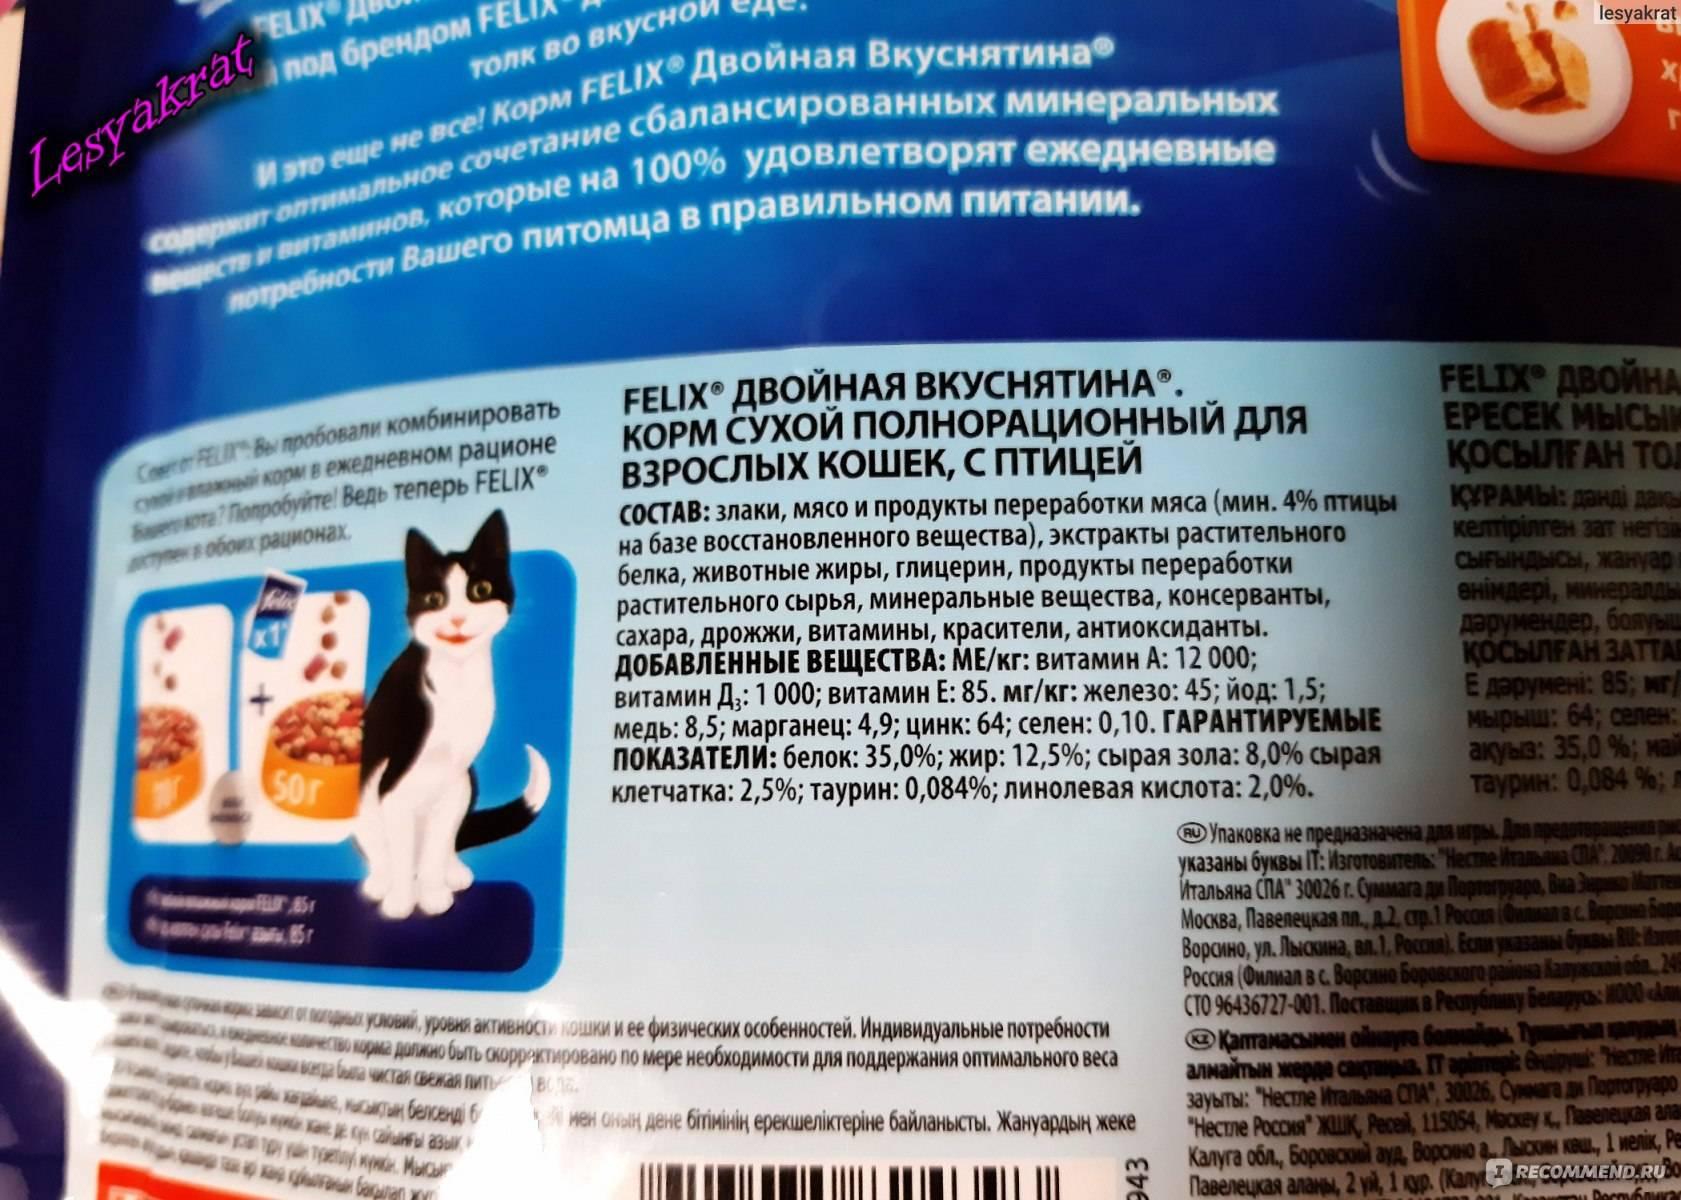 Какой корм по мнению ветеринаров самый лучший для кошек - kotiko.ru